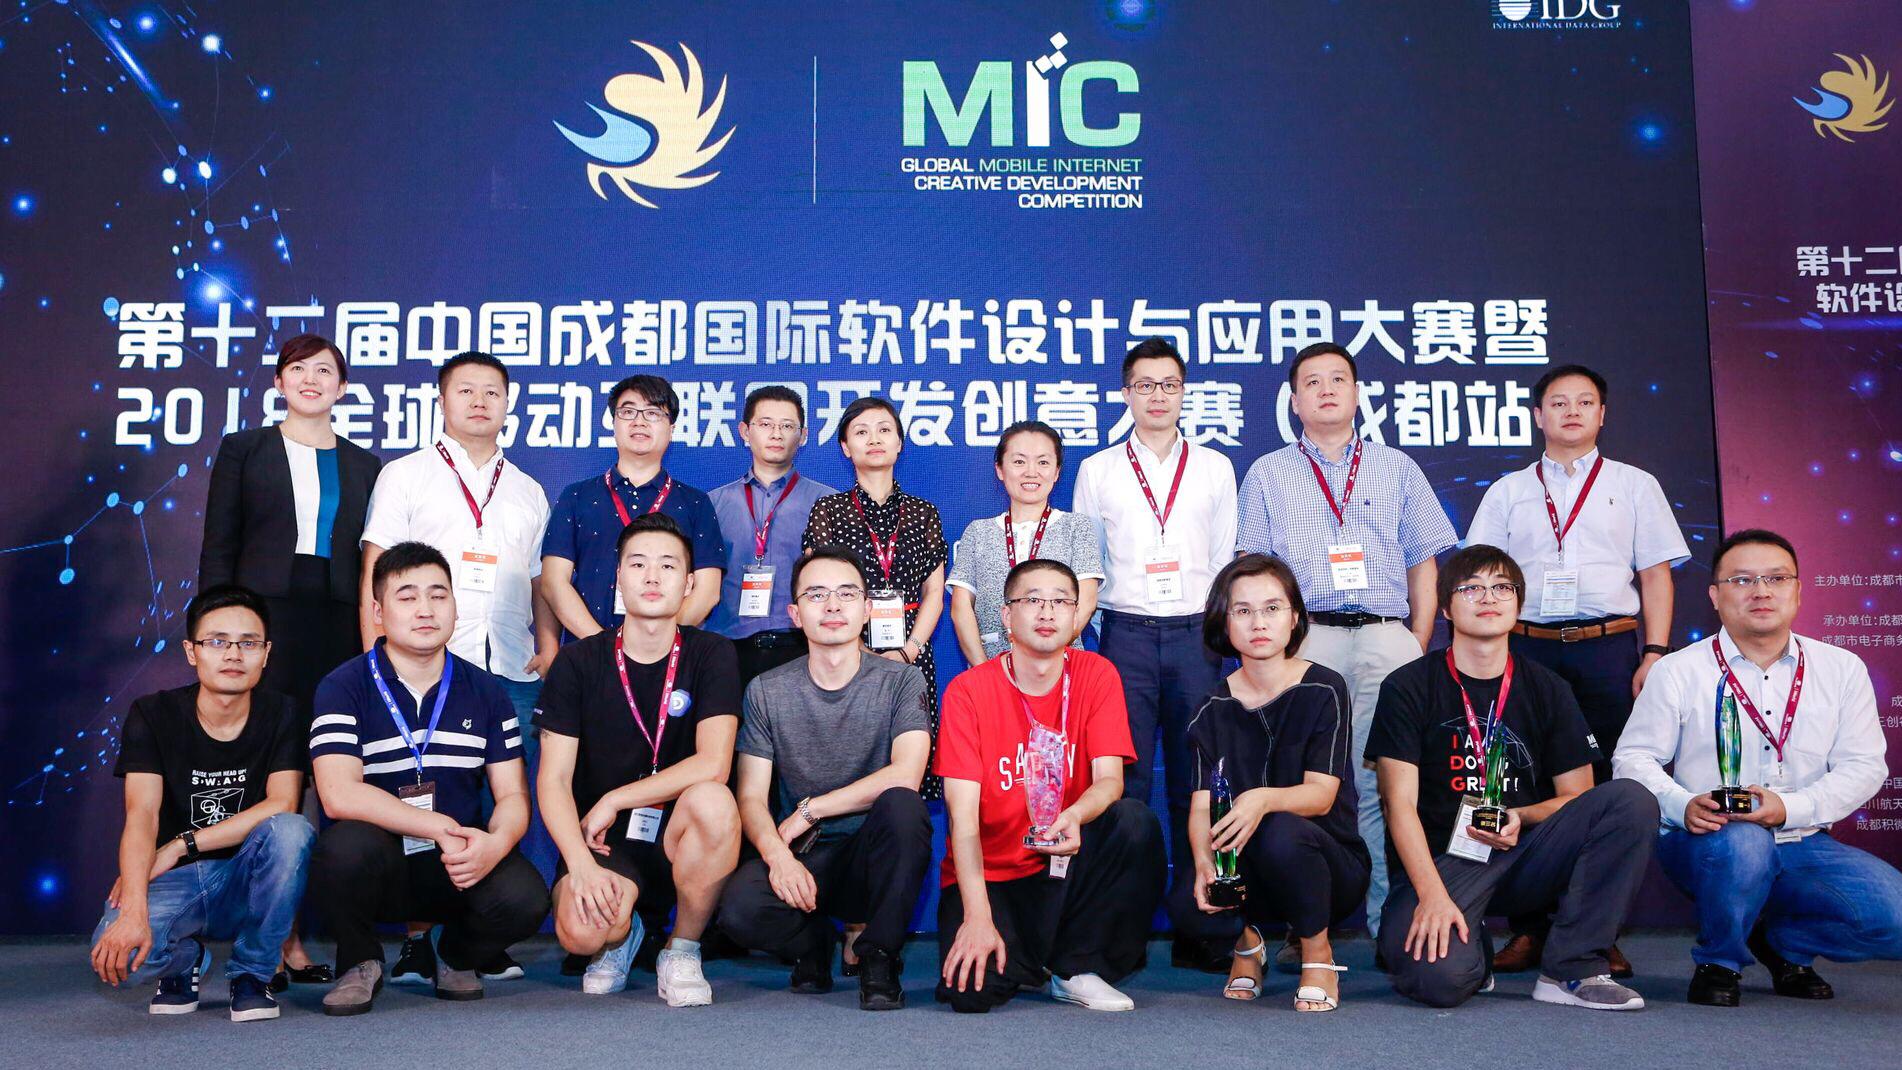 2018全球移动互联网开发创意大赛(MIC)成都站火爆开赛